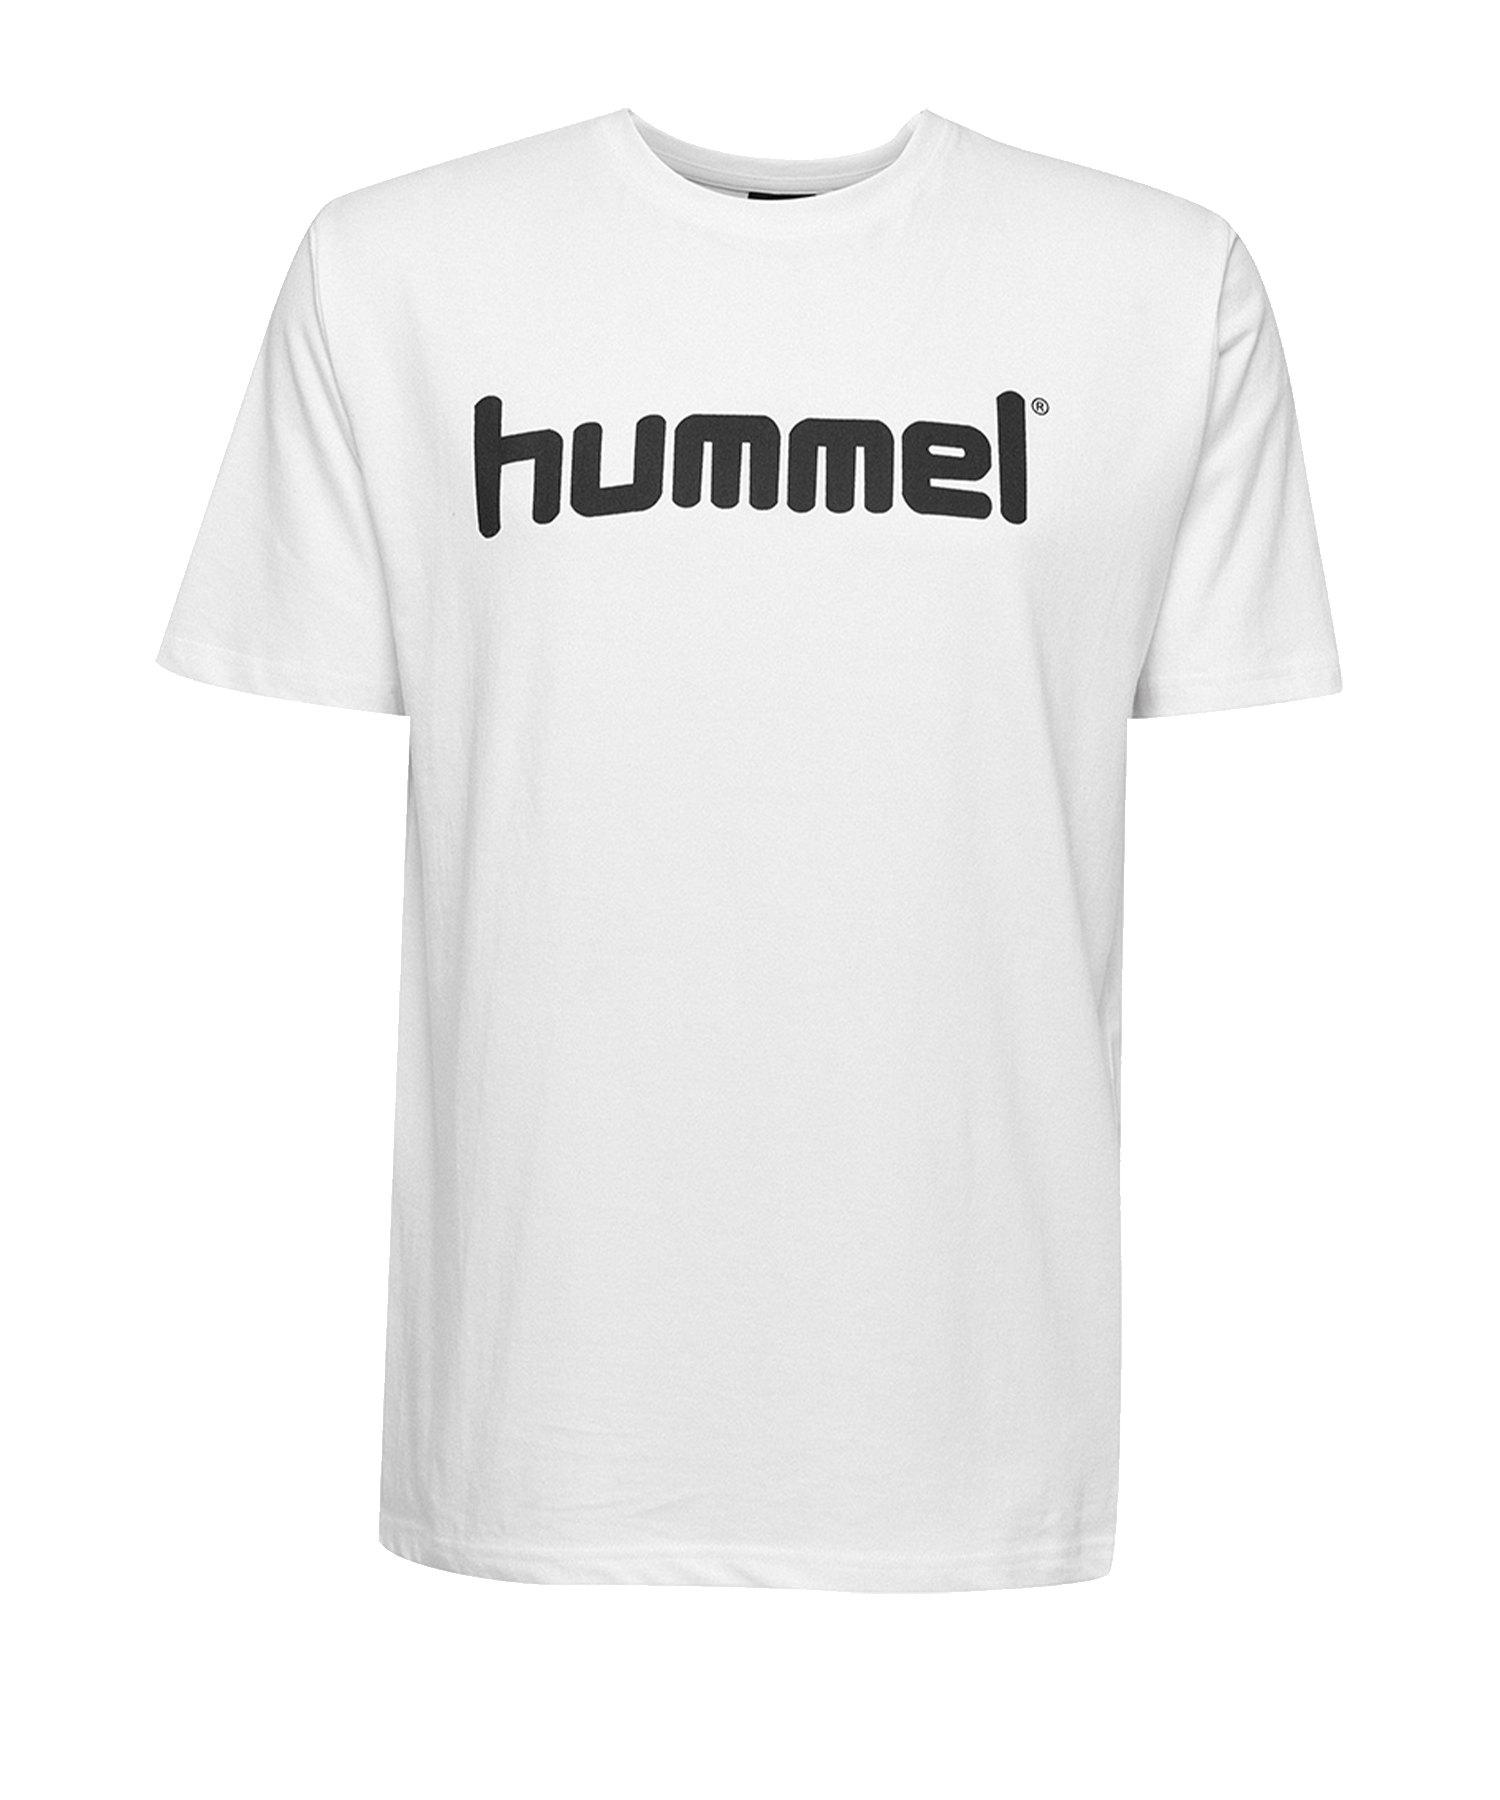 Hummel Cotton T-Shirt Logo Kids Weiss F9001 - Weiss